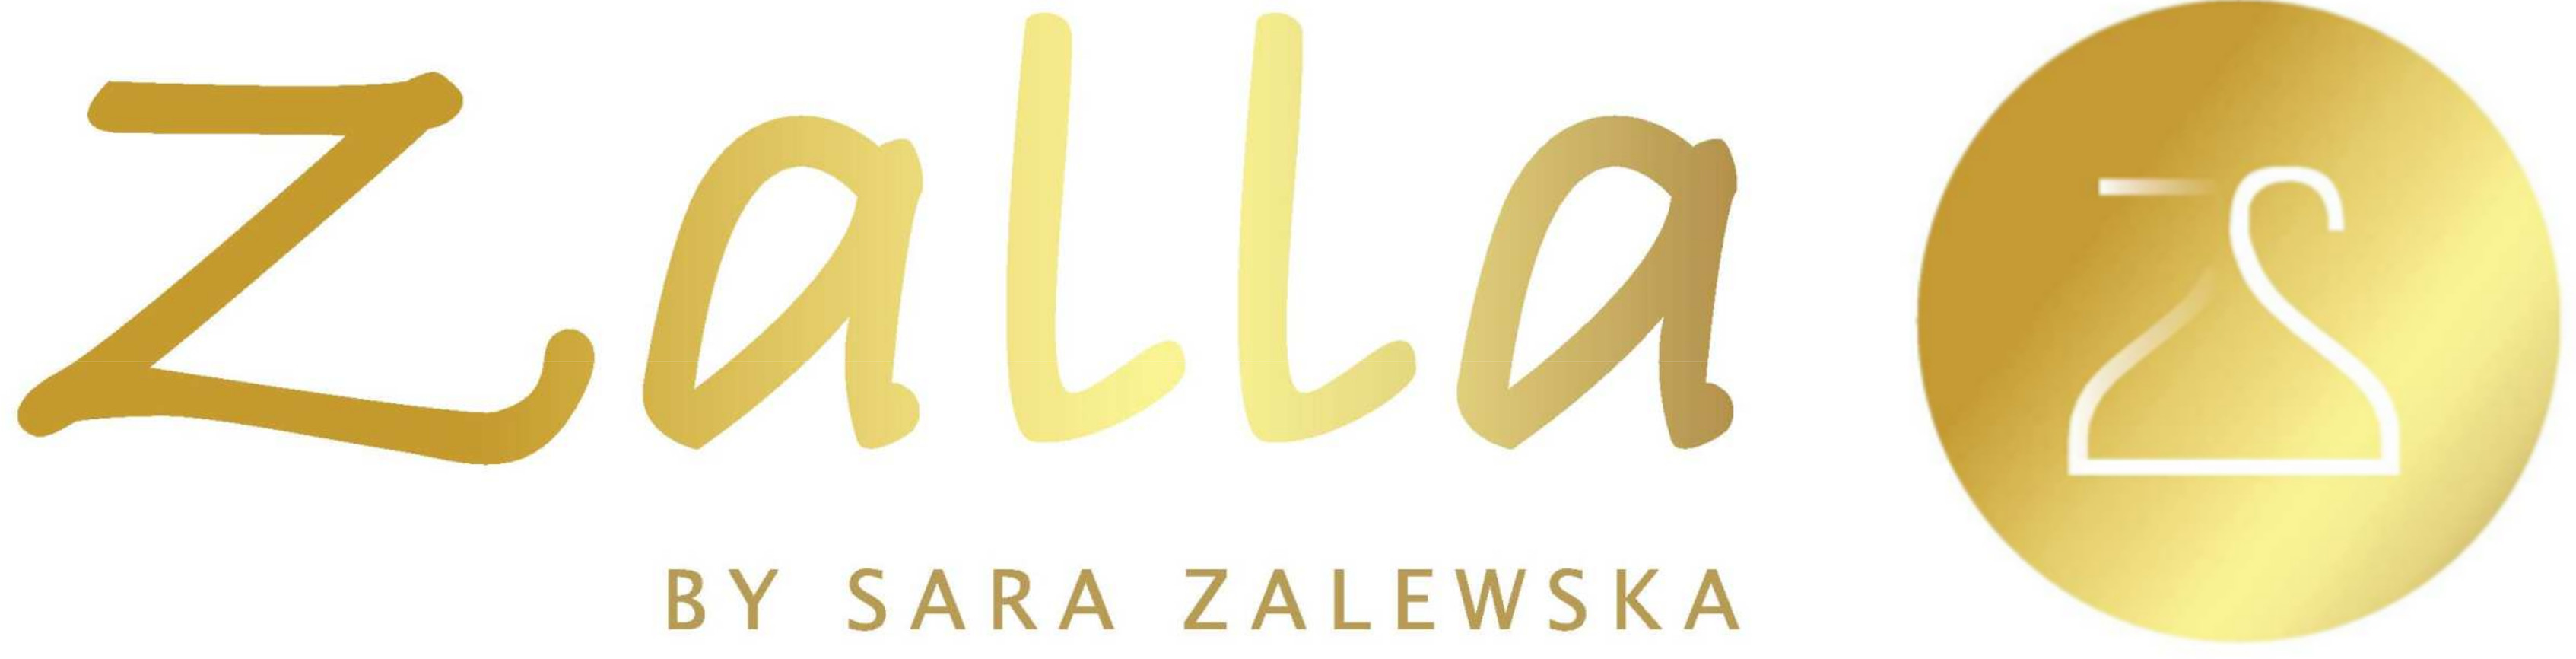 shop BY SARA ZALEWSKA